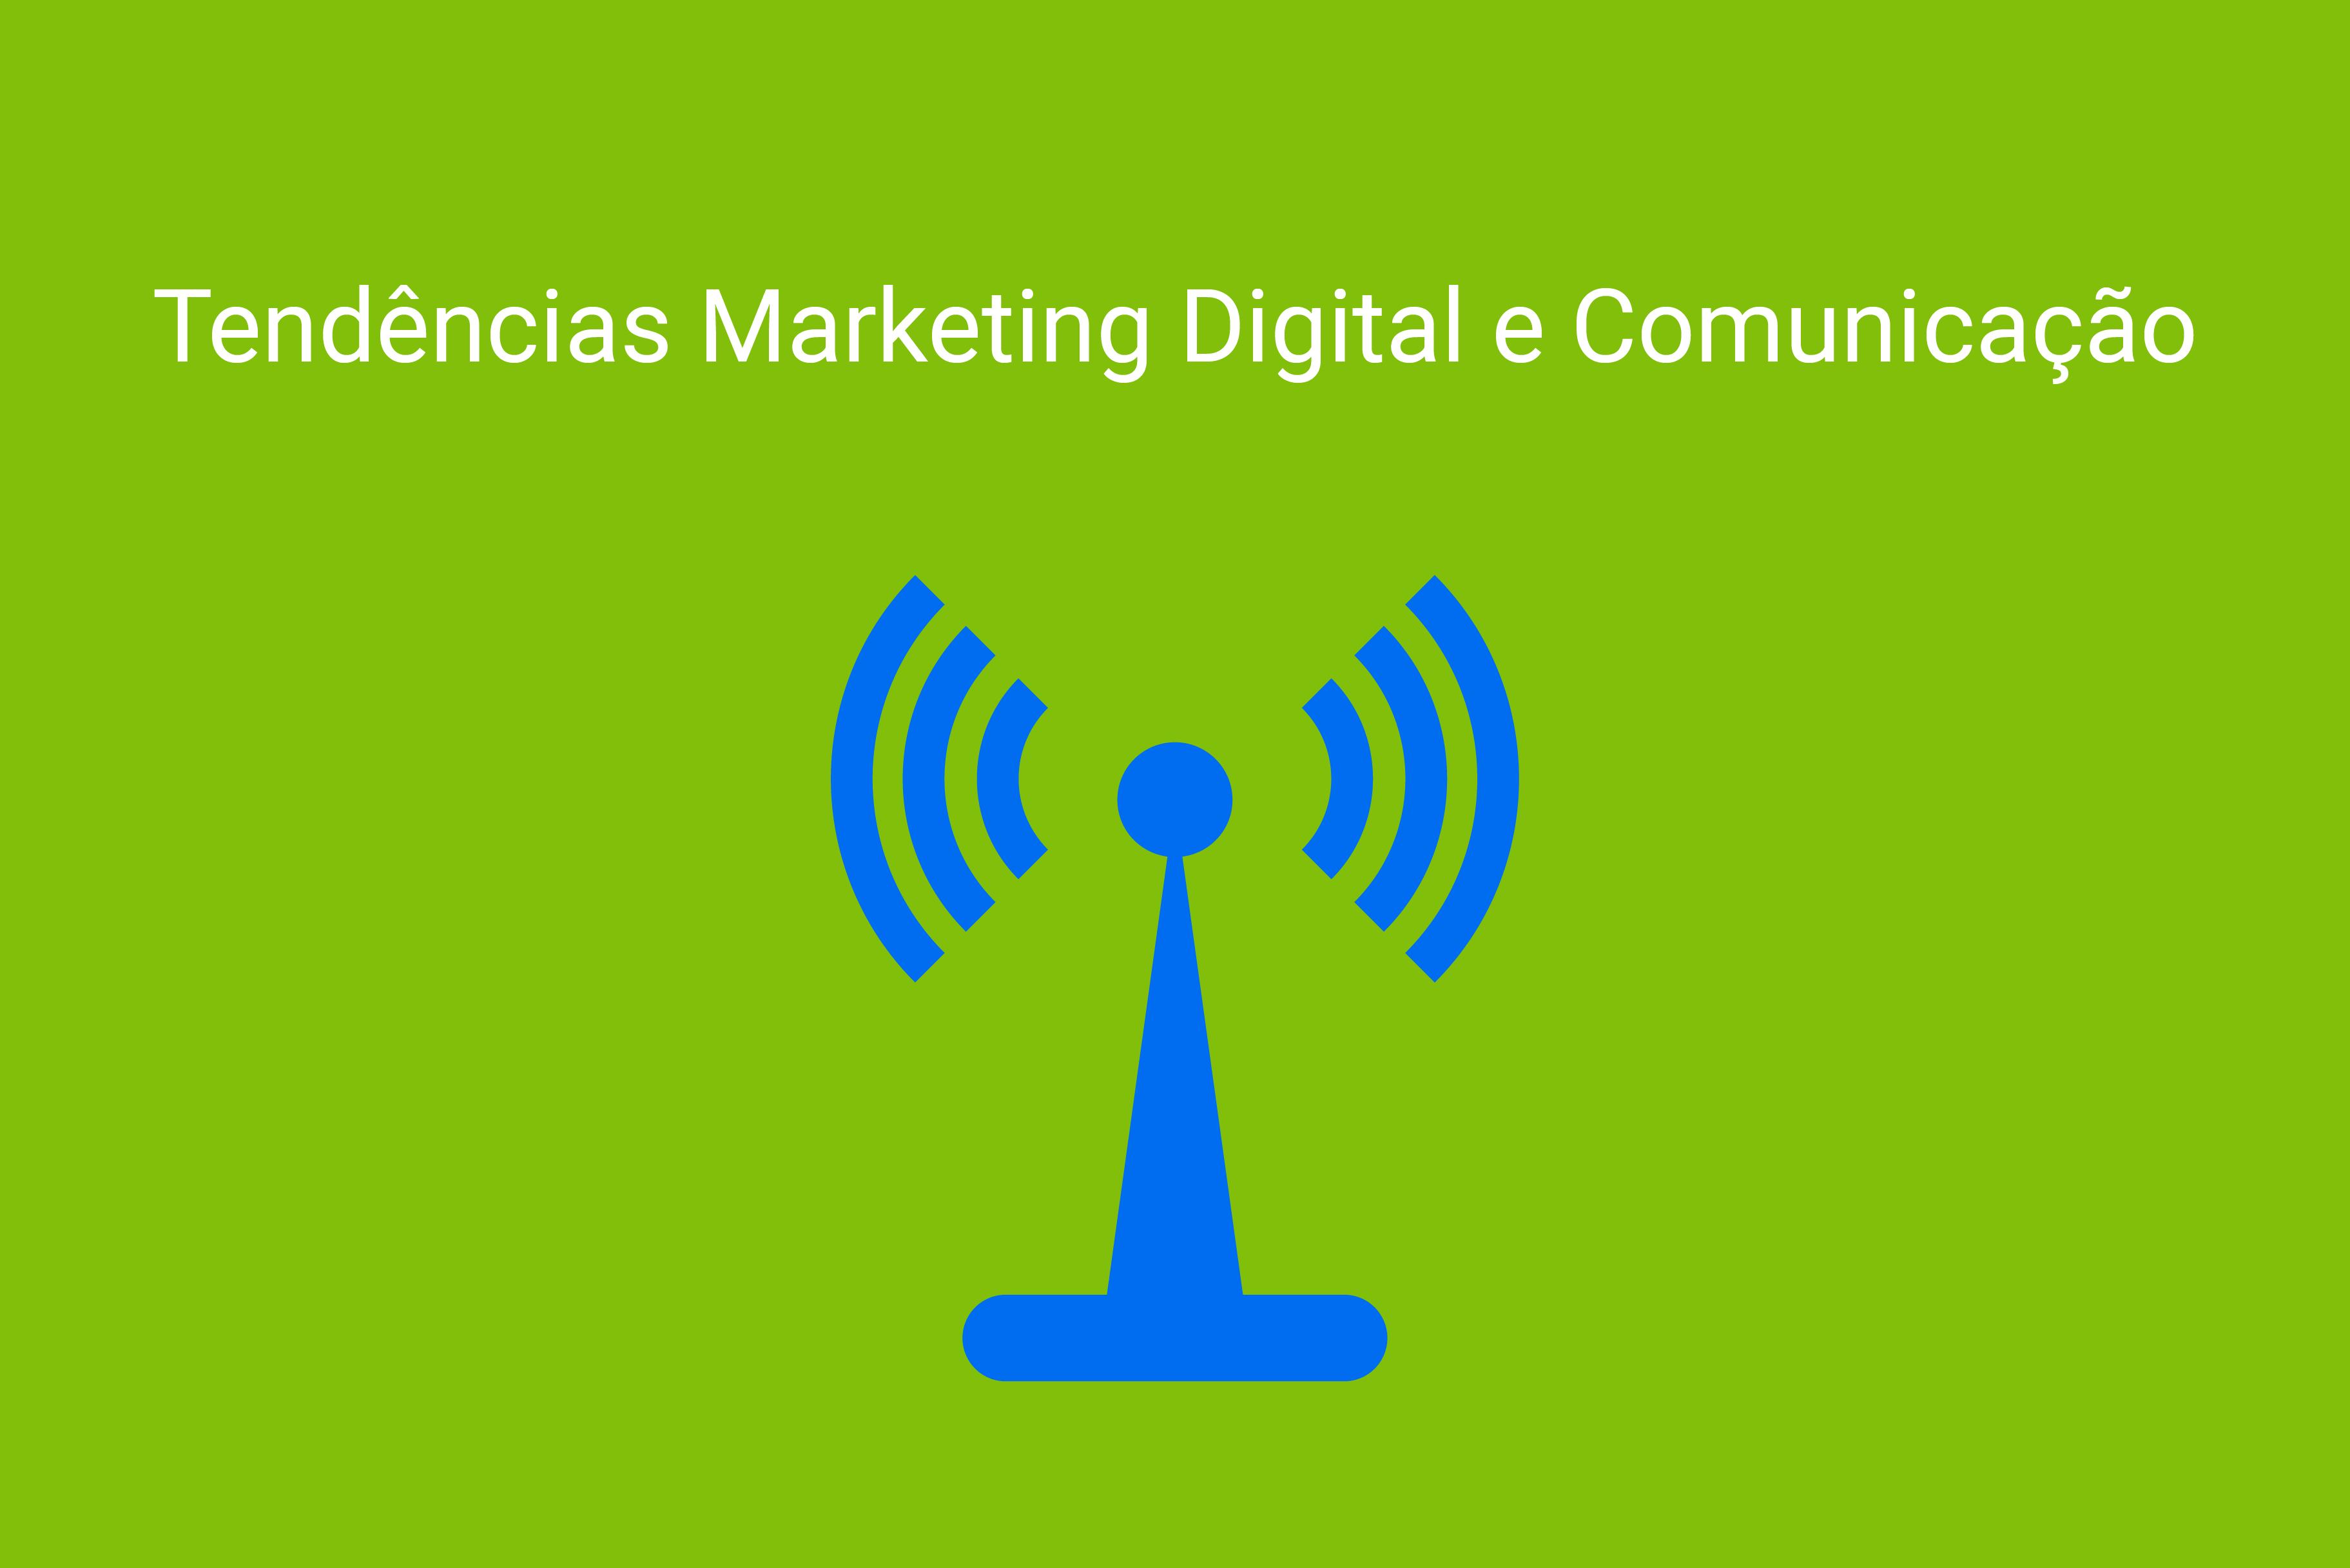 Tendências e previsões para o marketing digital e comunicação em 2018